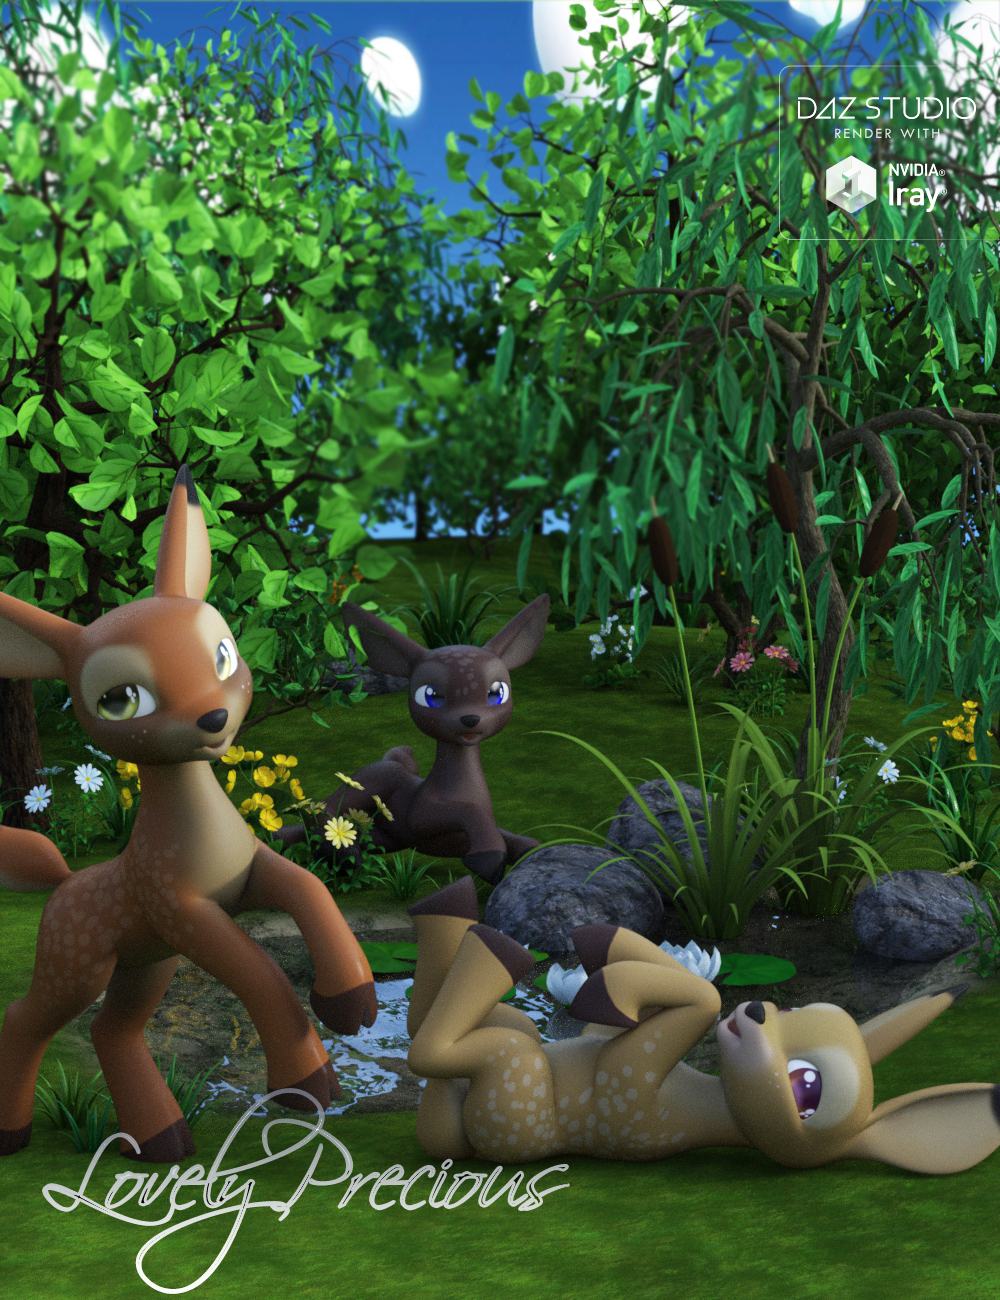 Lovely Precious Vol 01 -  Deer by: Muscleman, 3D Models by Daz 3D